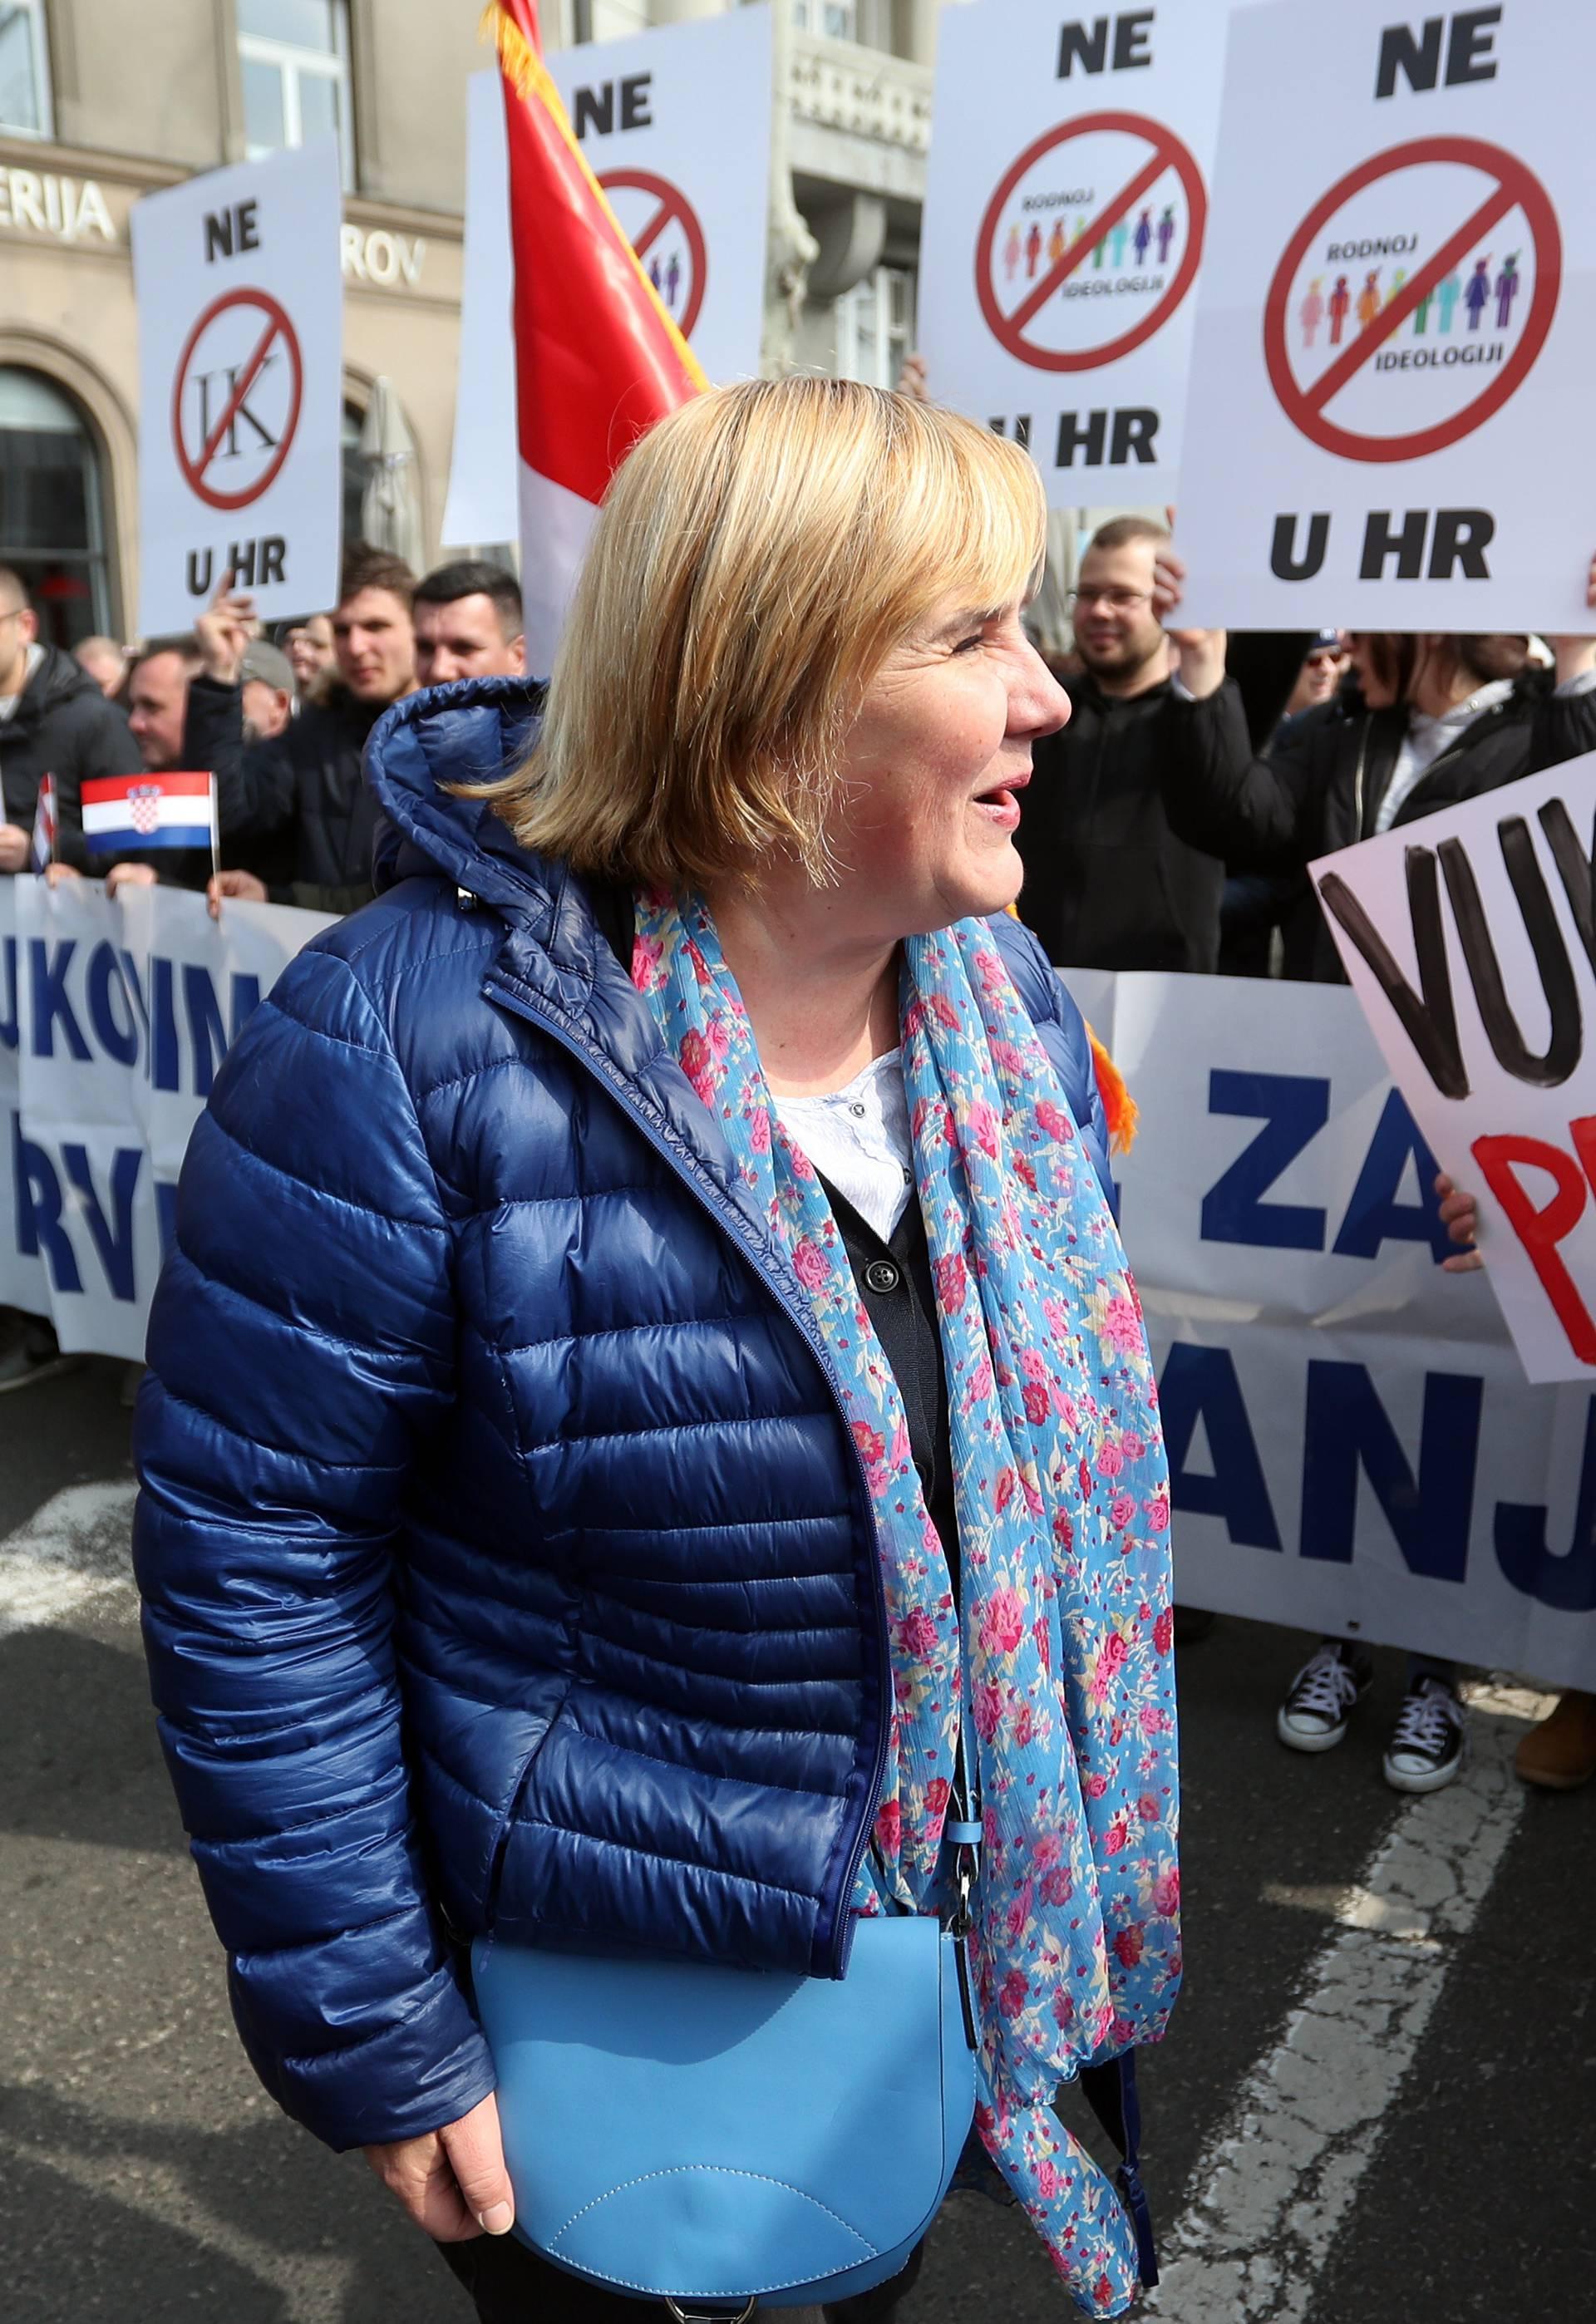 Istanbulskom žele promijeniti izborni zakon i doći na vlast